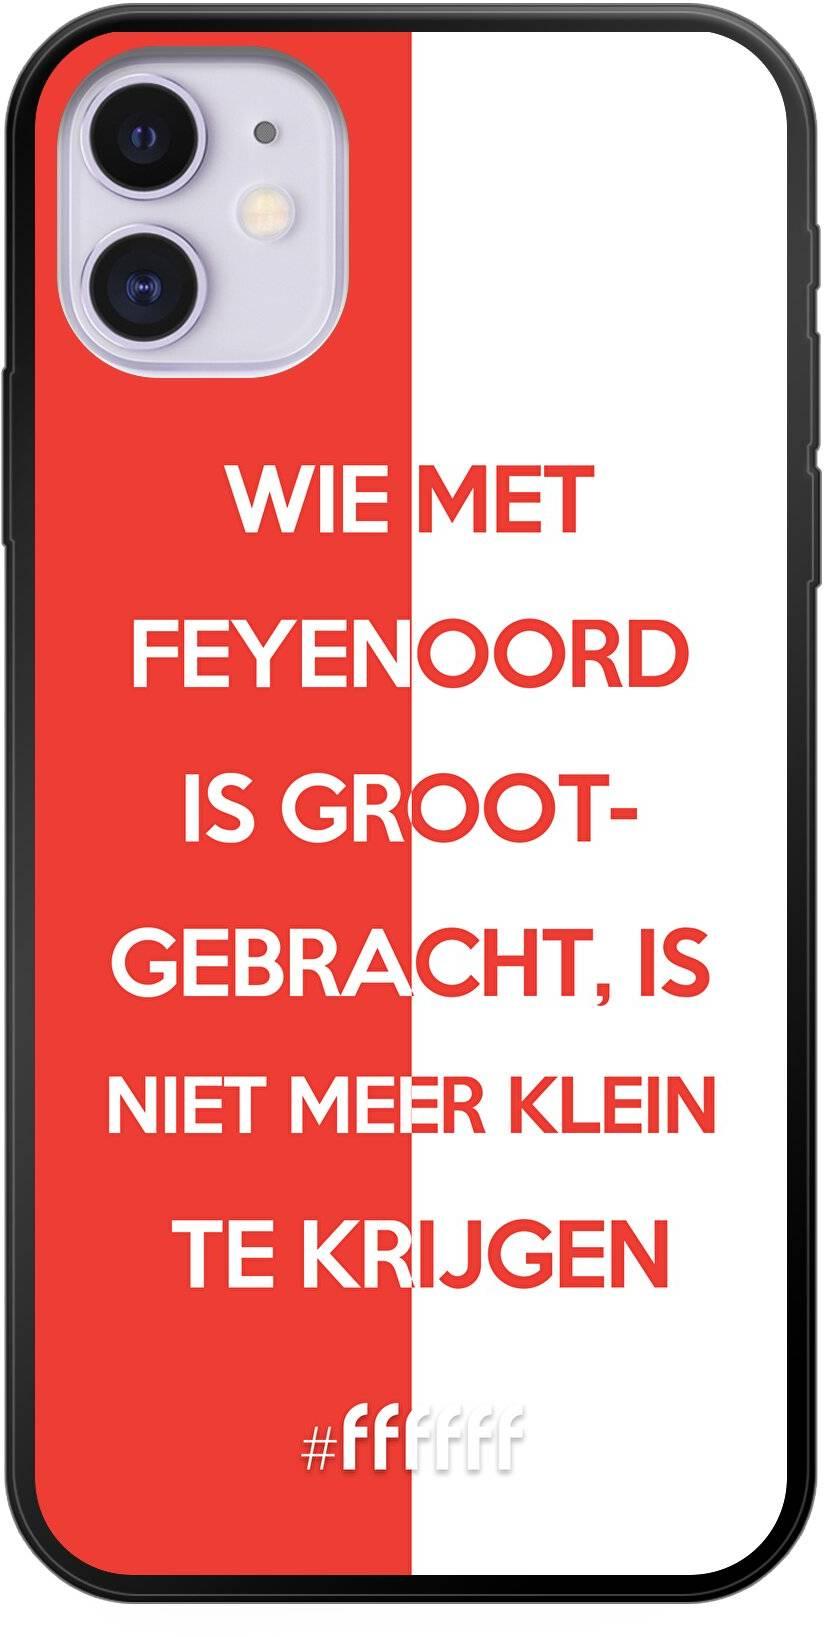 Feyenoord - Grootgebracht iPhone 11